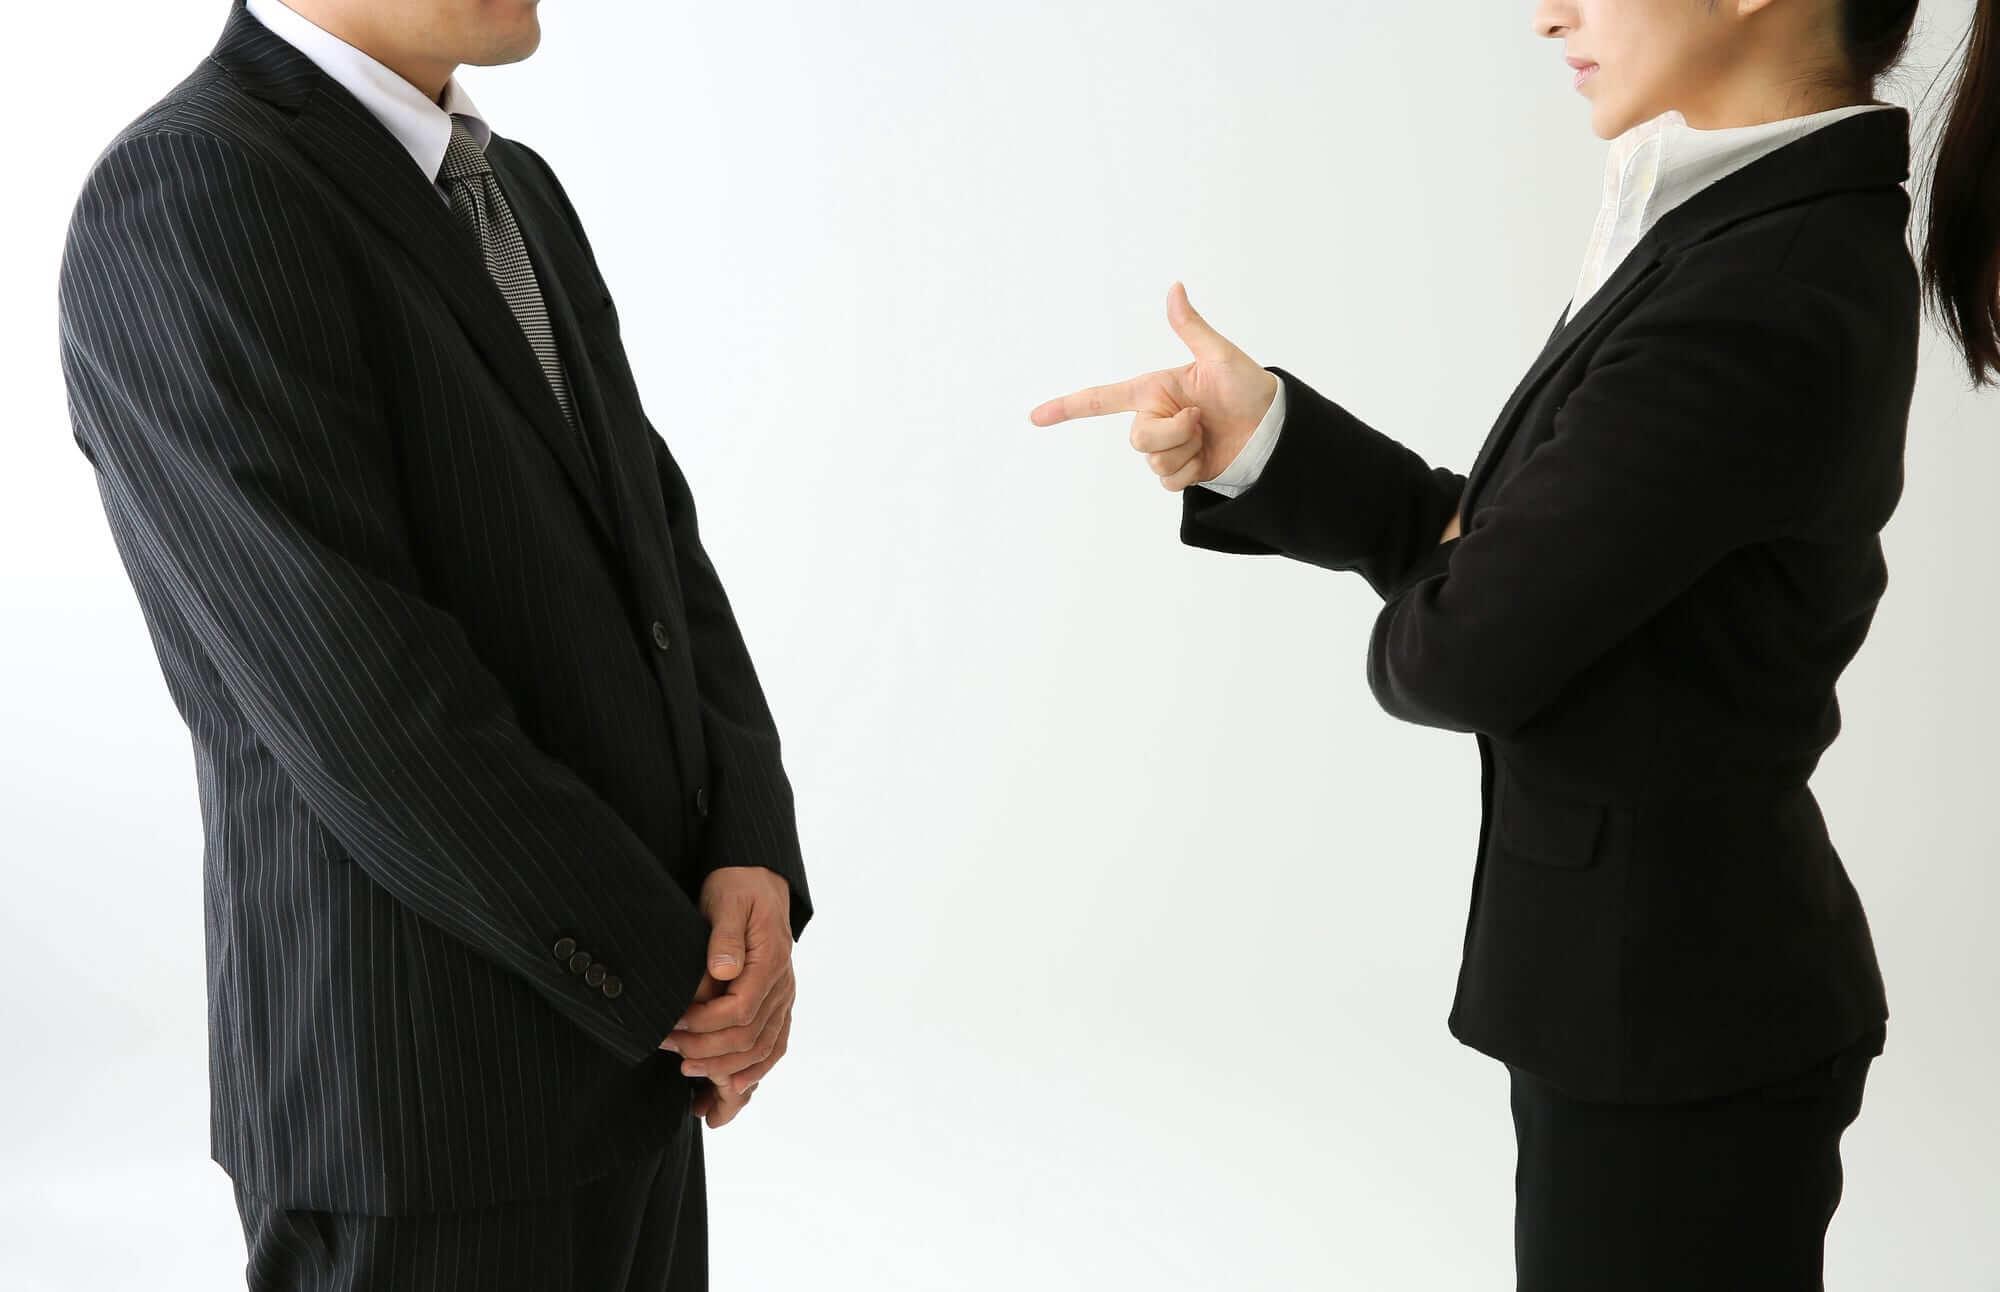 男性が総務事務として働く際の3つの注意点